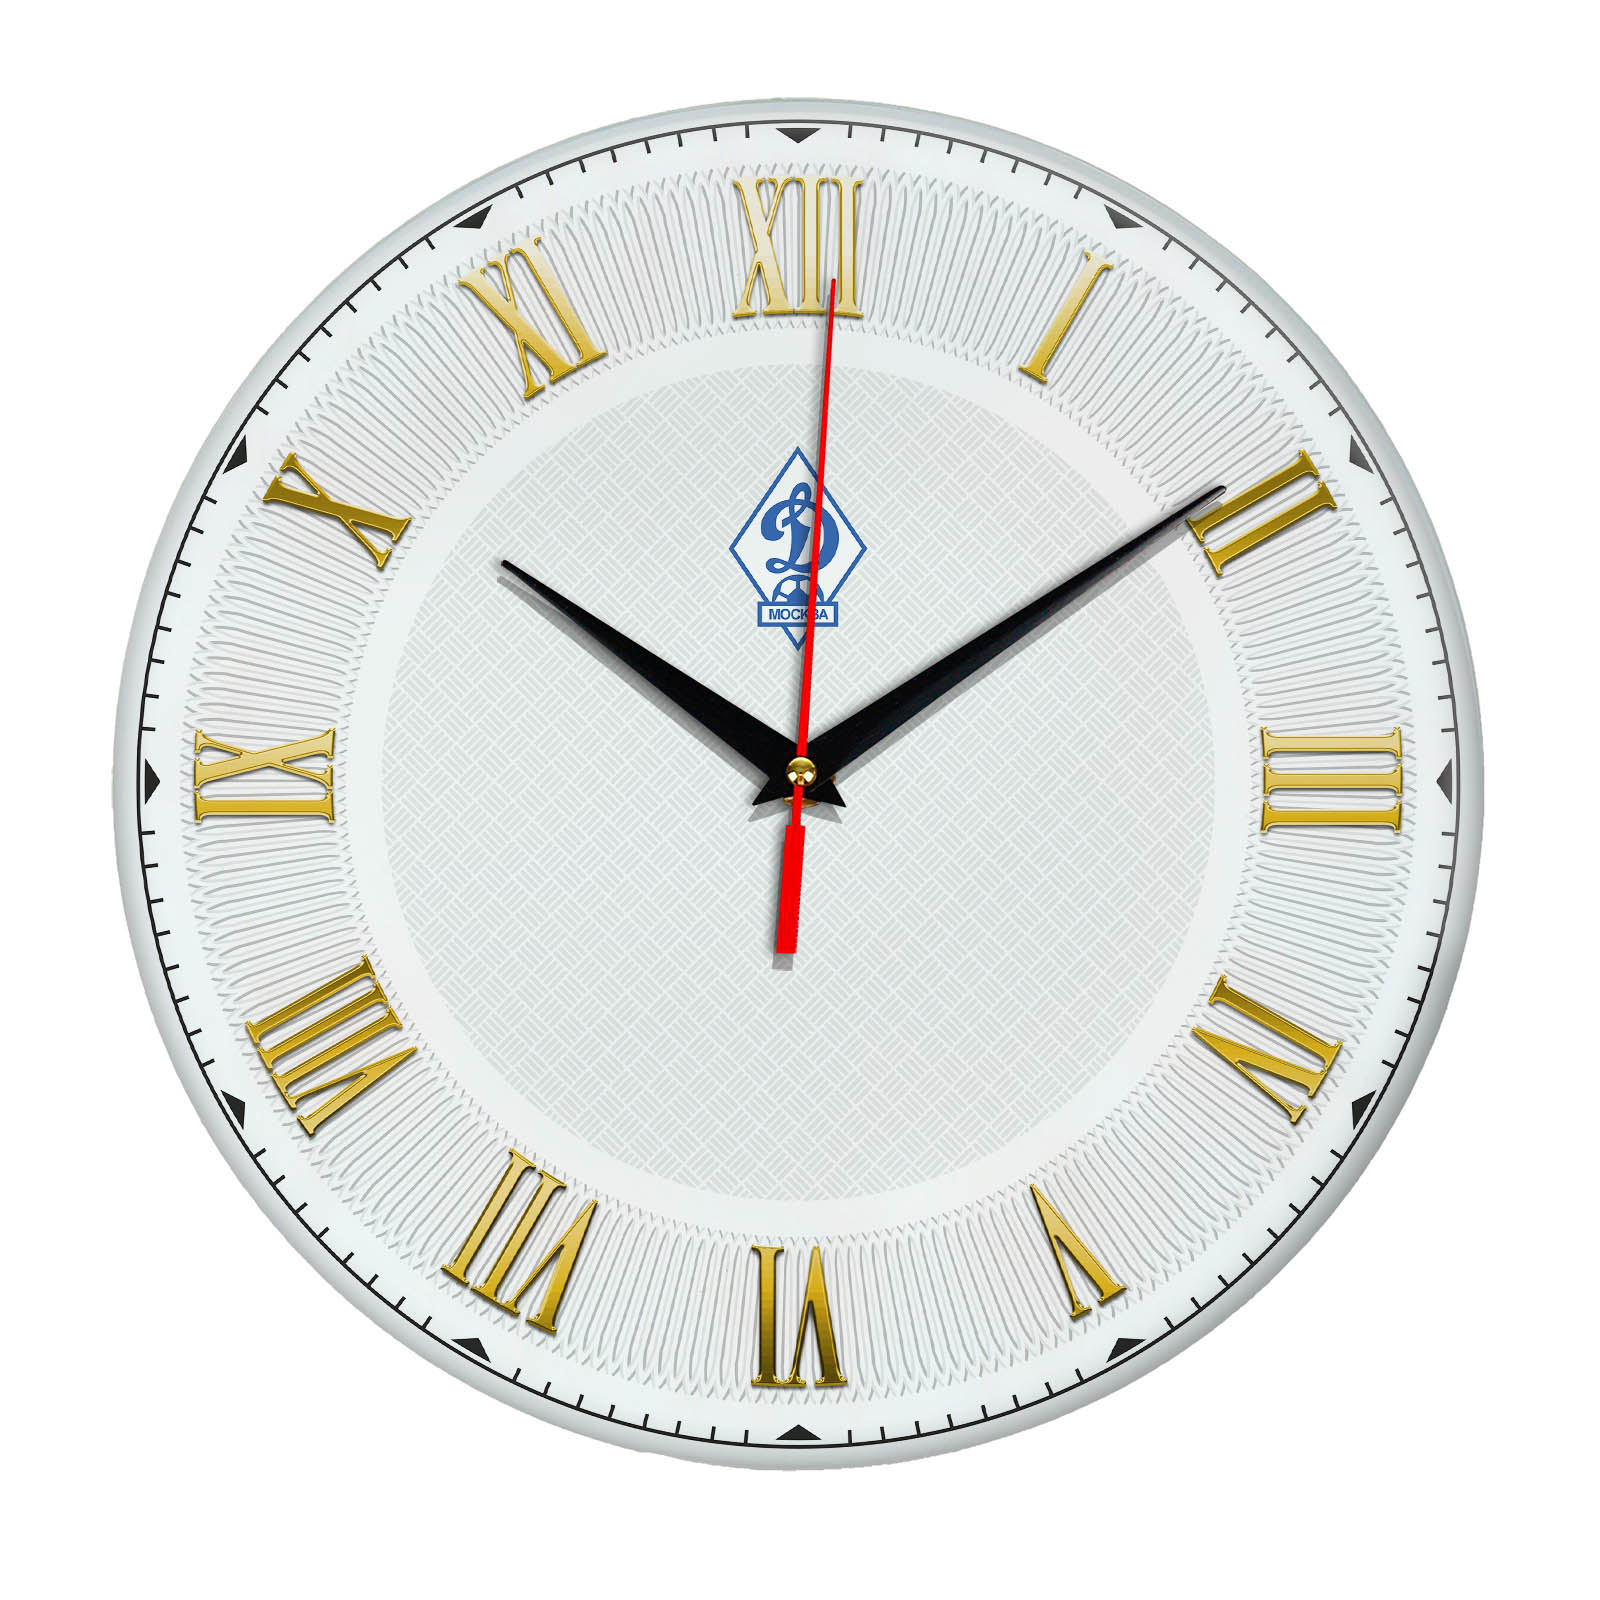 Настенные часы «Футбольный клуб DINAMO MOSKVA»